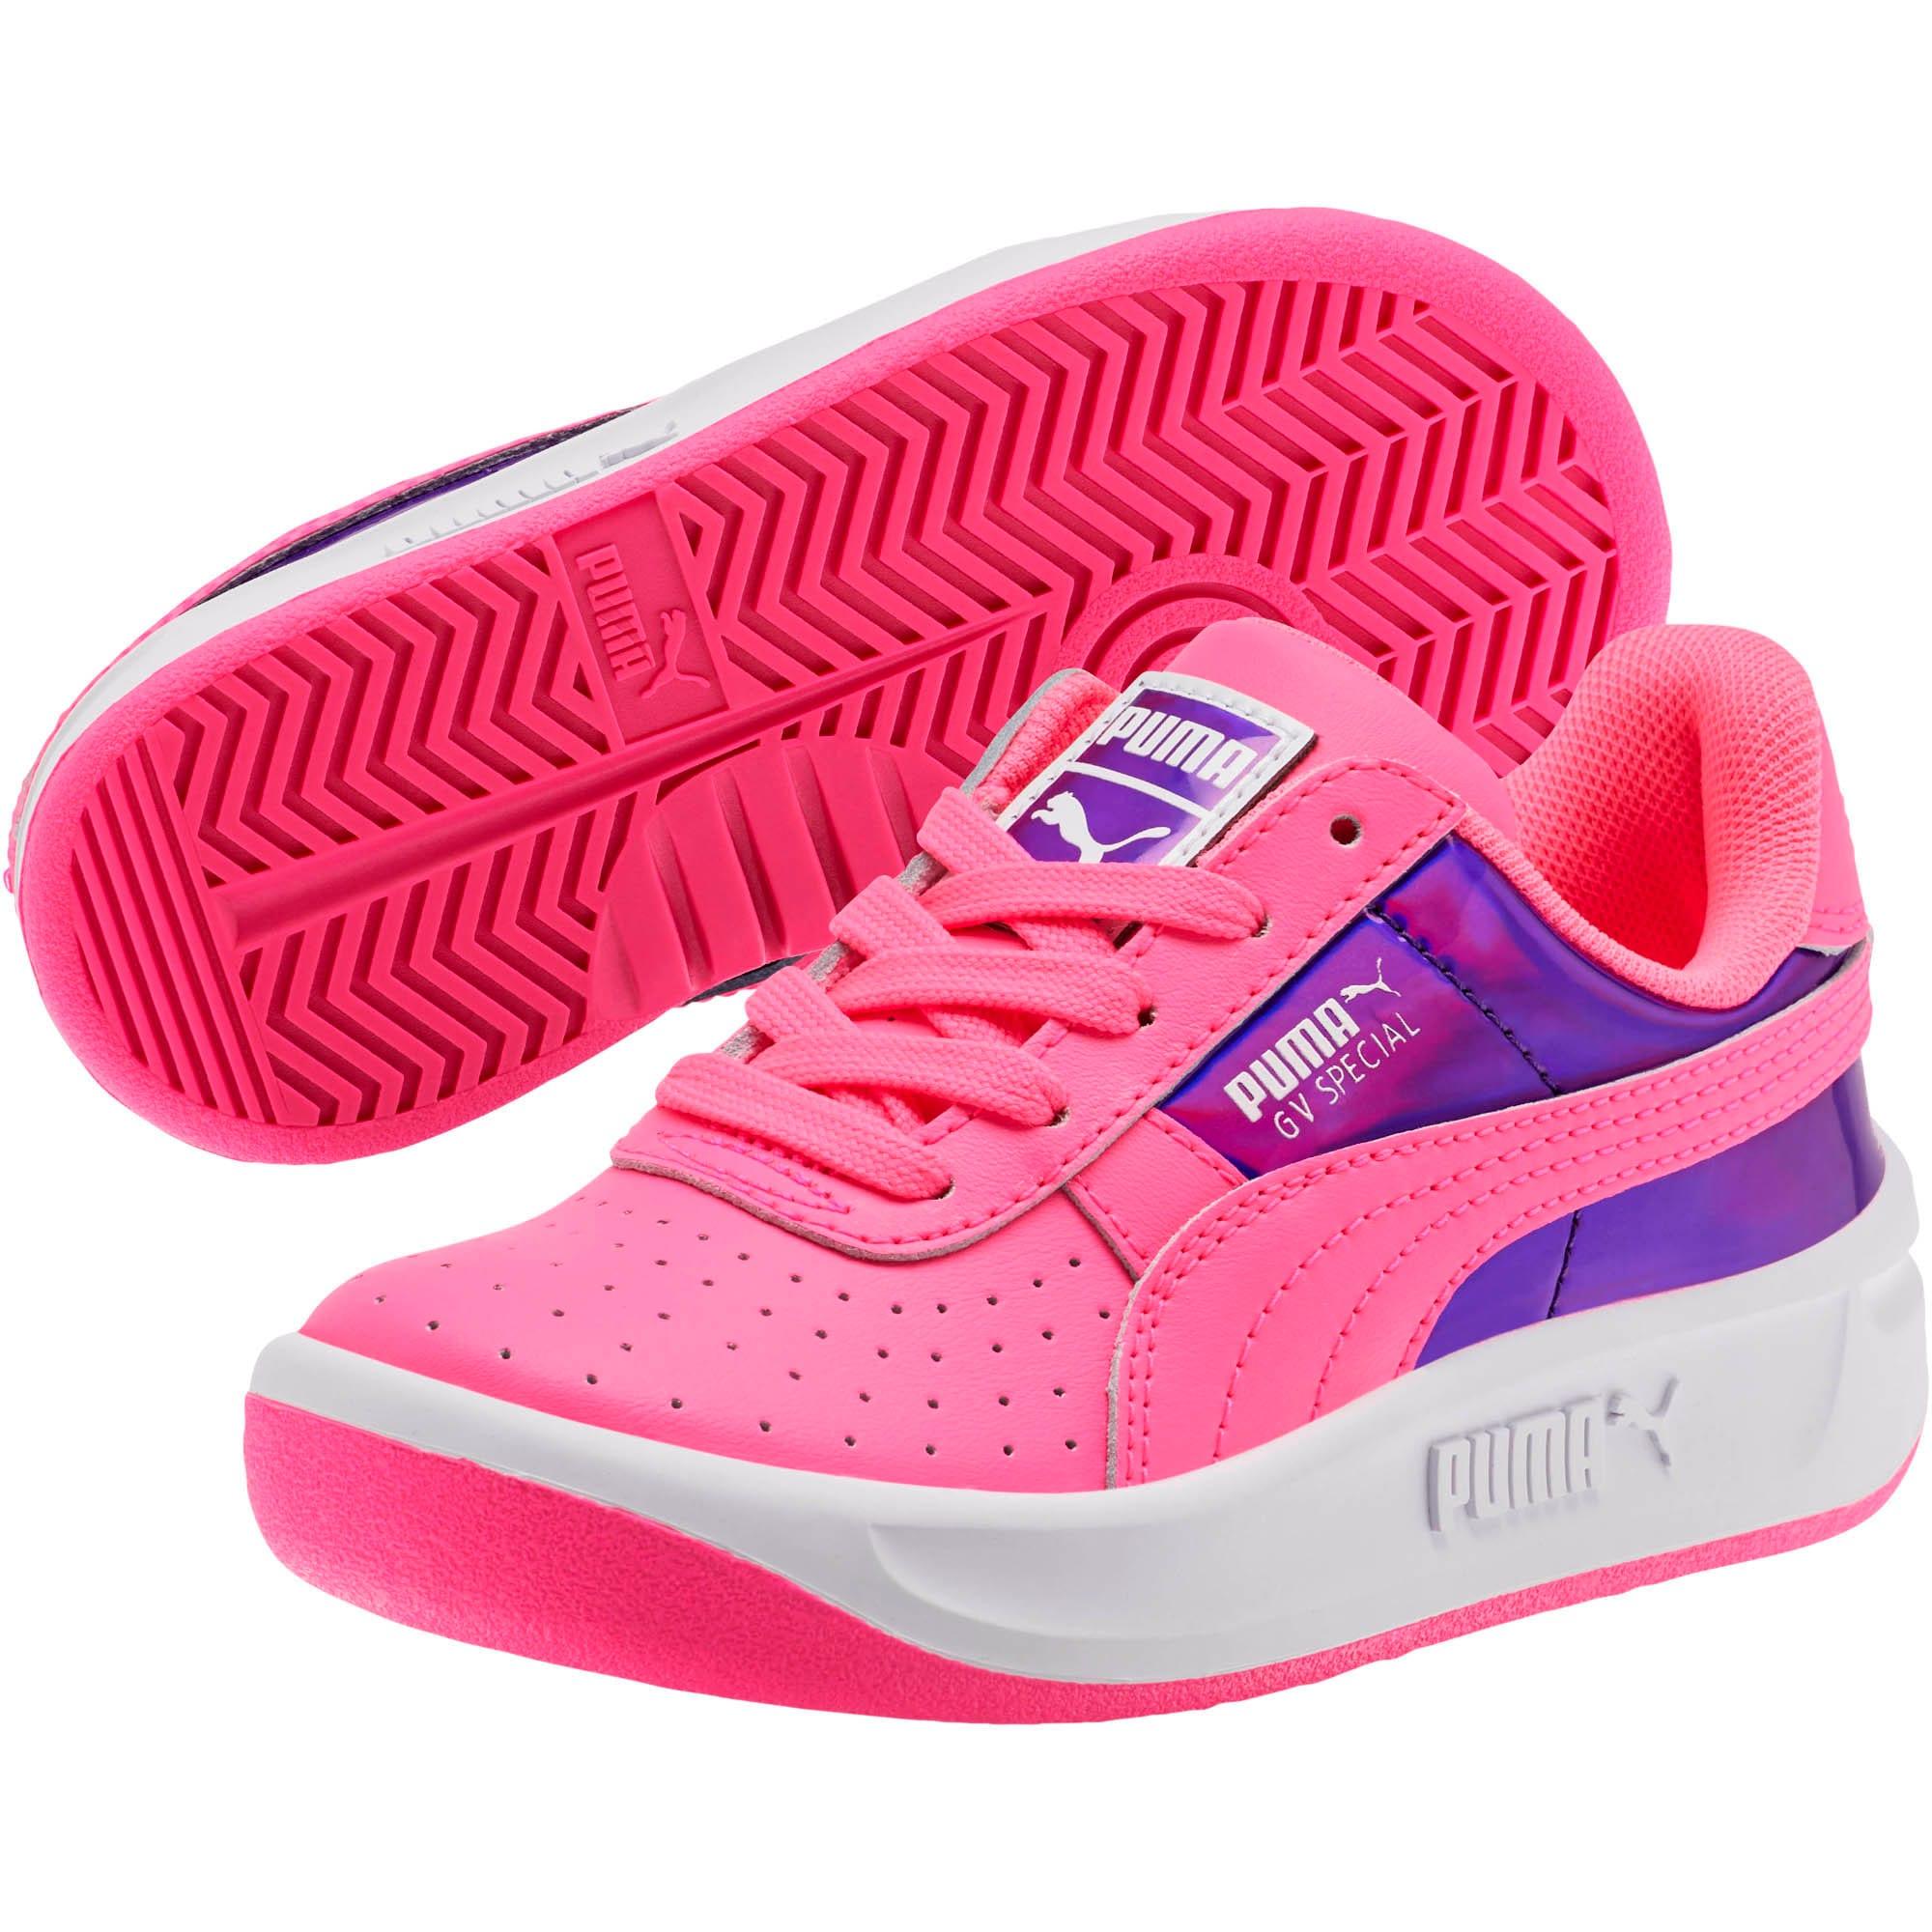 Miniatura 2 de Zapatos GV Special Mirror Metal para niña pequeña, KNOCKOUT PINK-Puma White, mediano